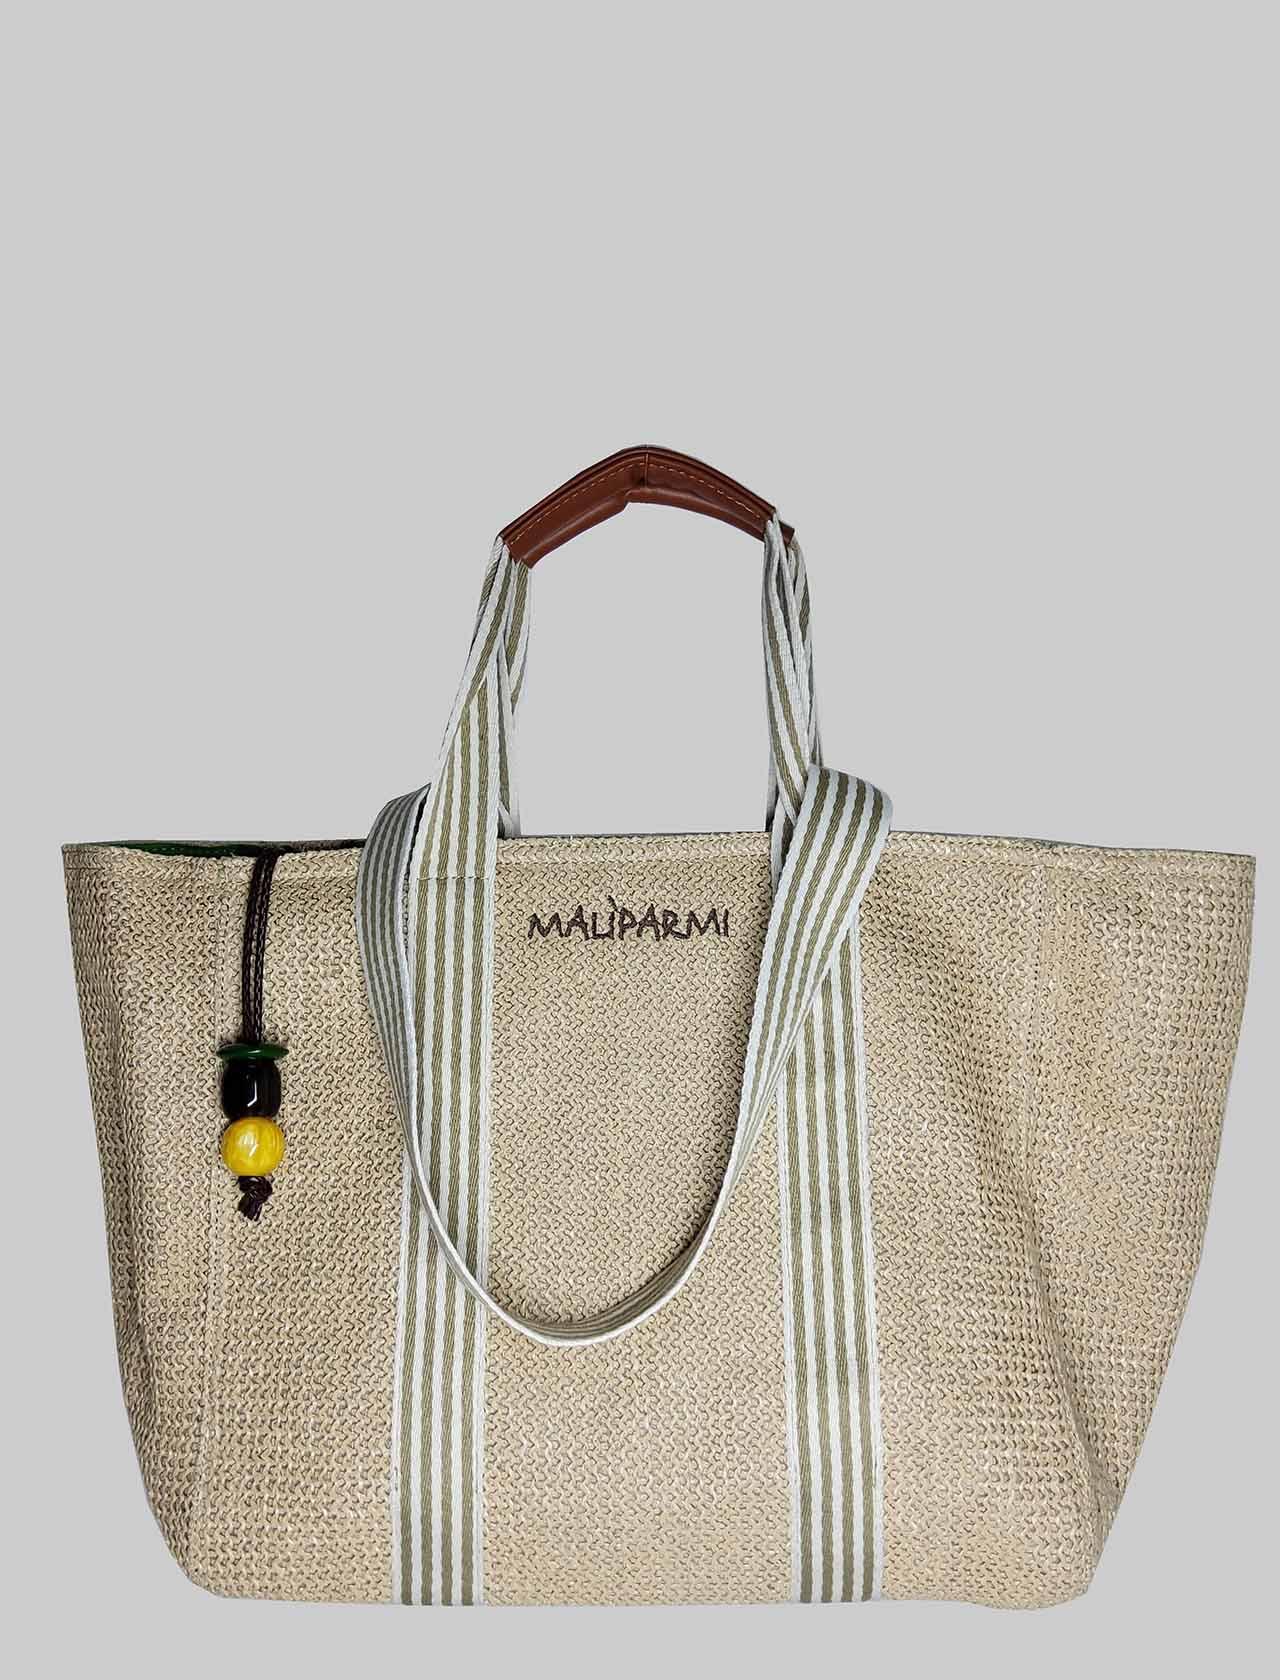 Borsa Donna Mare Shopping Summer in Rafia Naturale Maliparmi | Borse e zaini | BH02609078011000